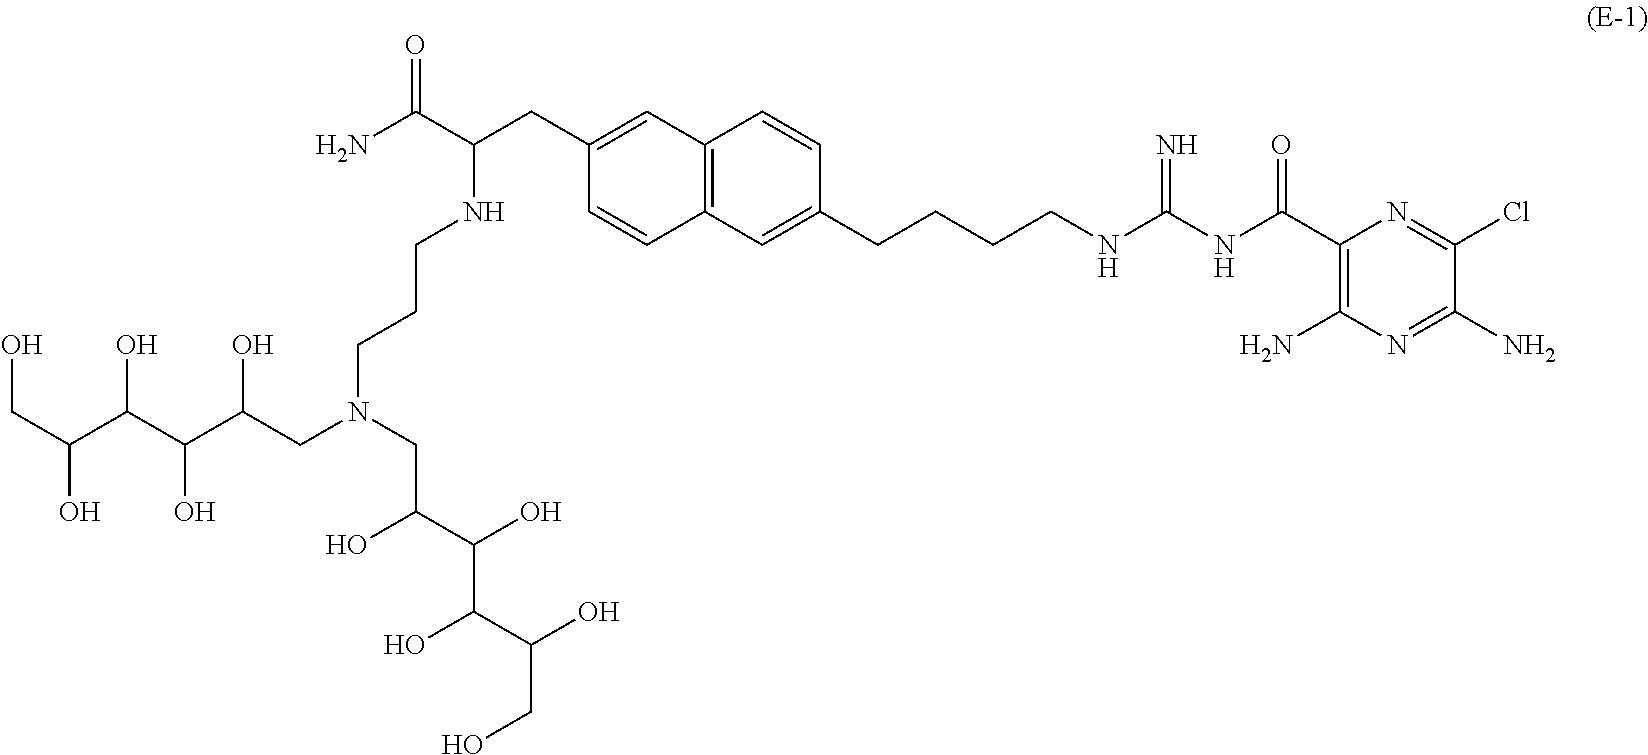 Figure US09695134-20170704-C00014